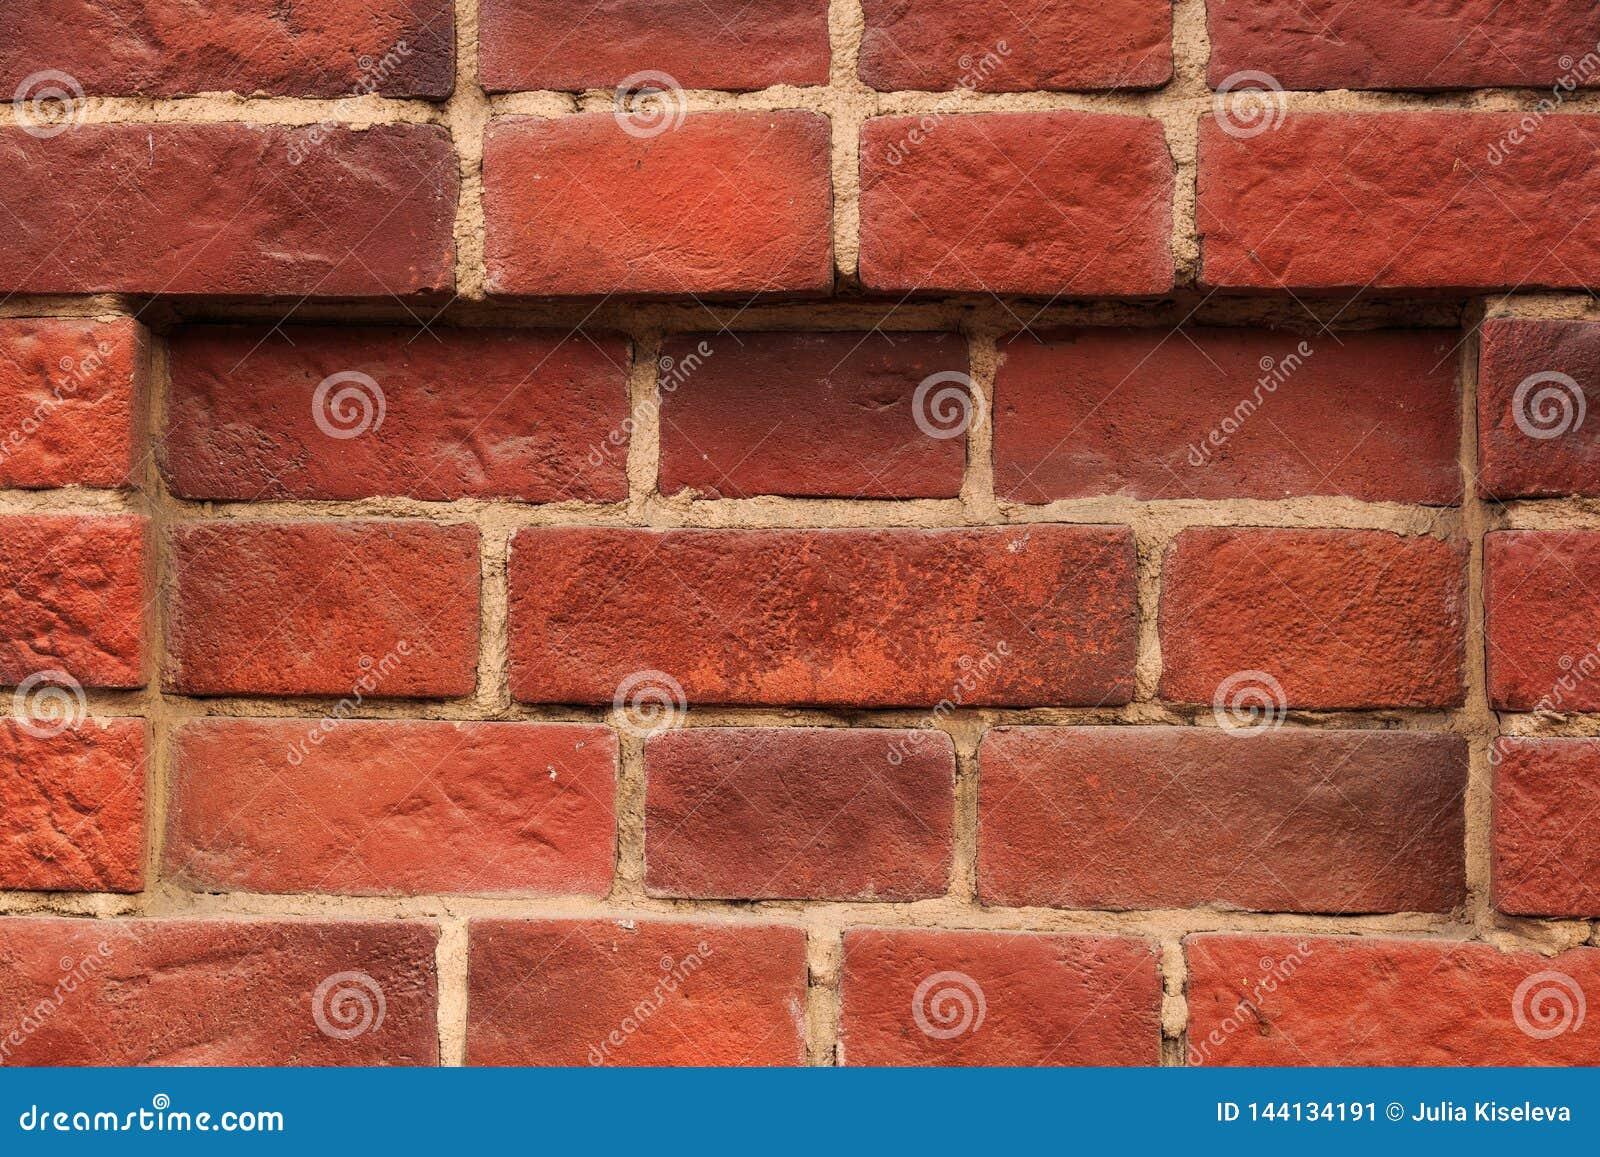 Oude rode bakstenen muurachtergrond